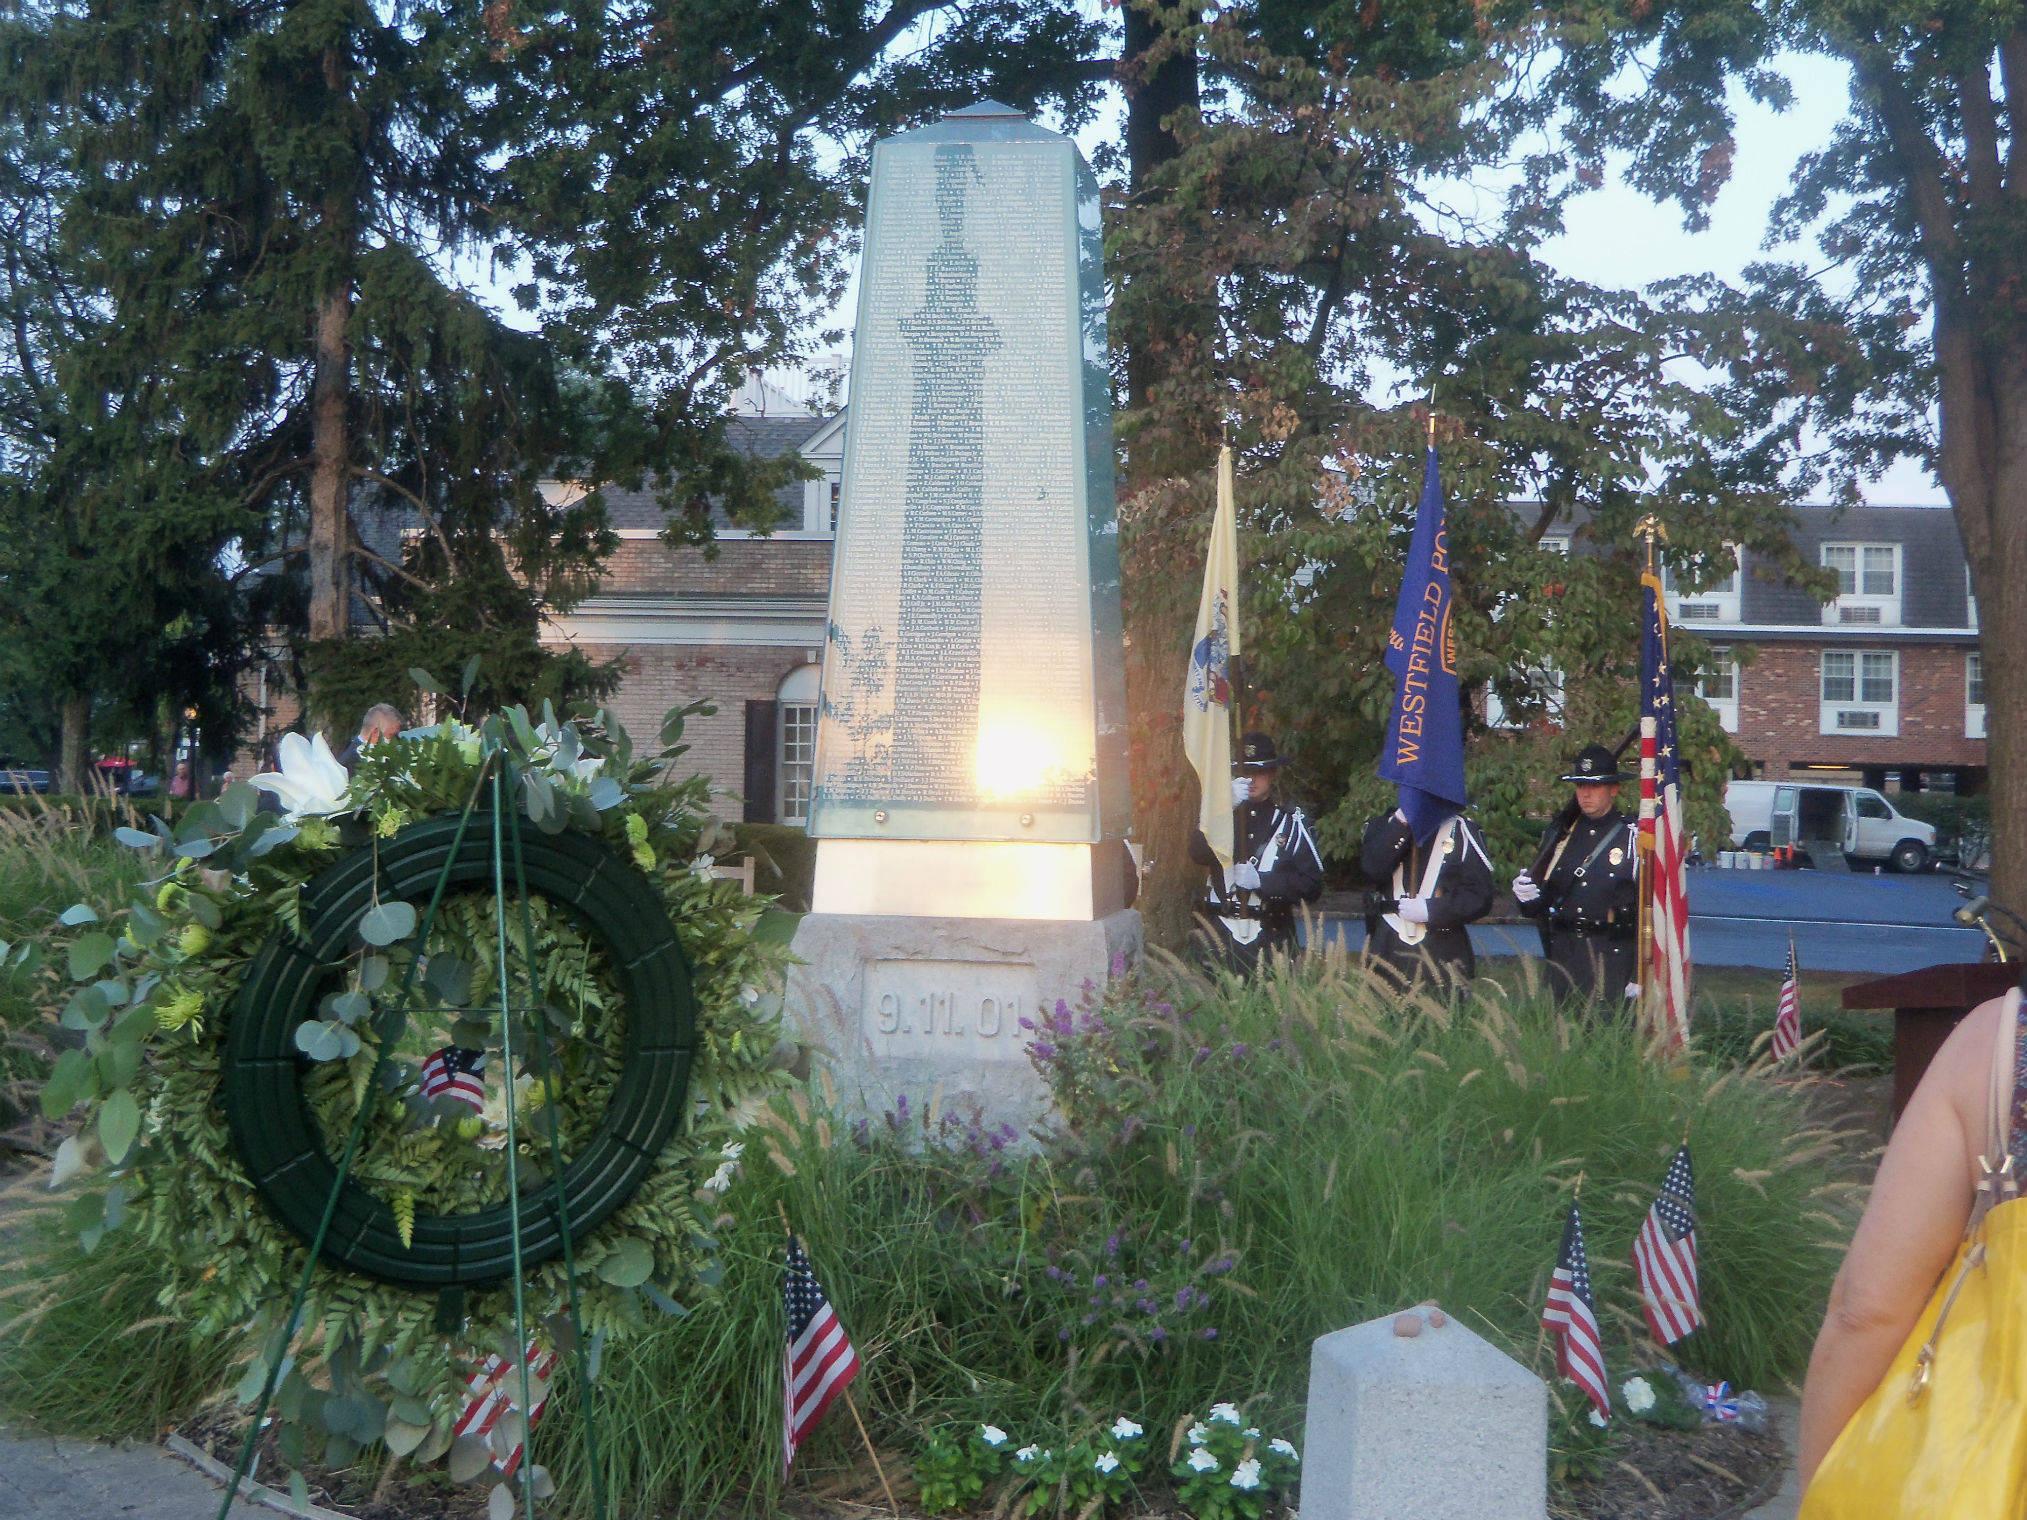 4b2c6d3890654b9ba453_545becee893b0be291fc_Sept_11_memorial.jpg